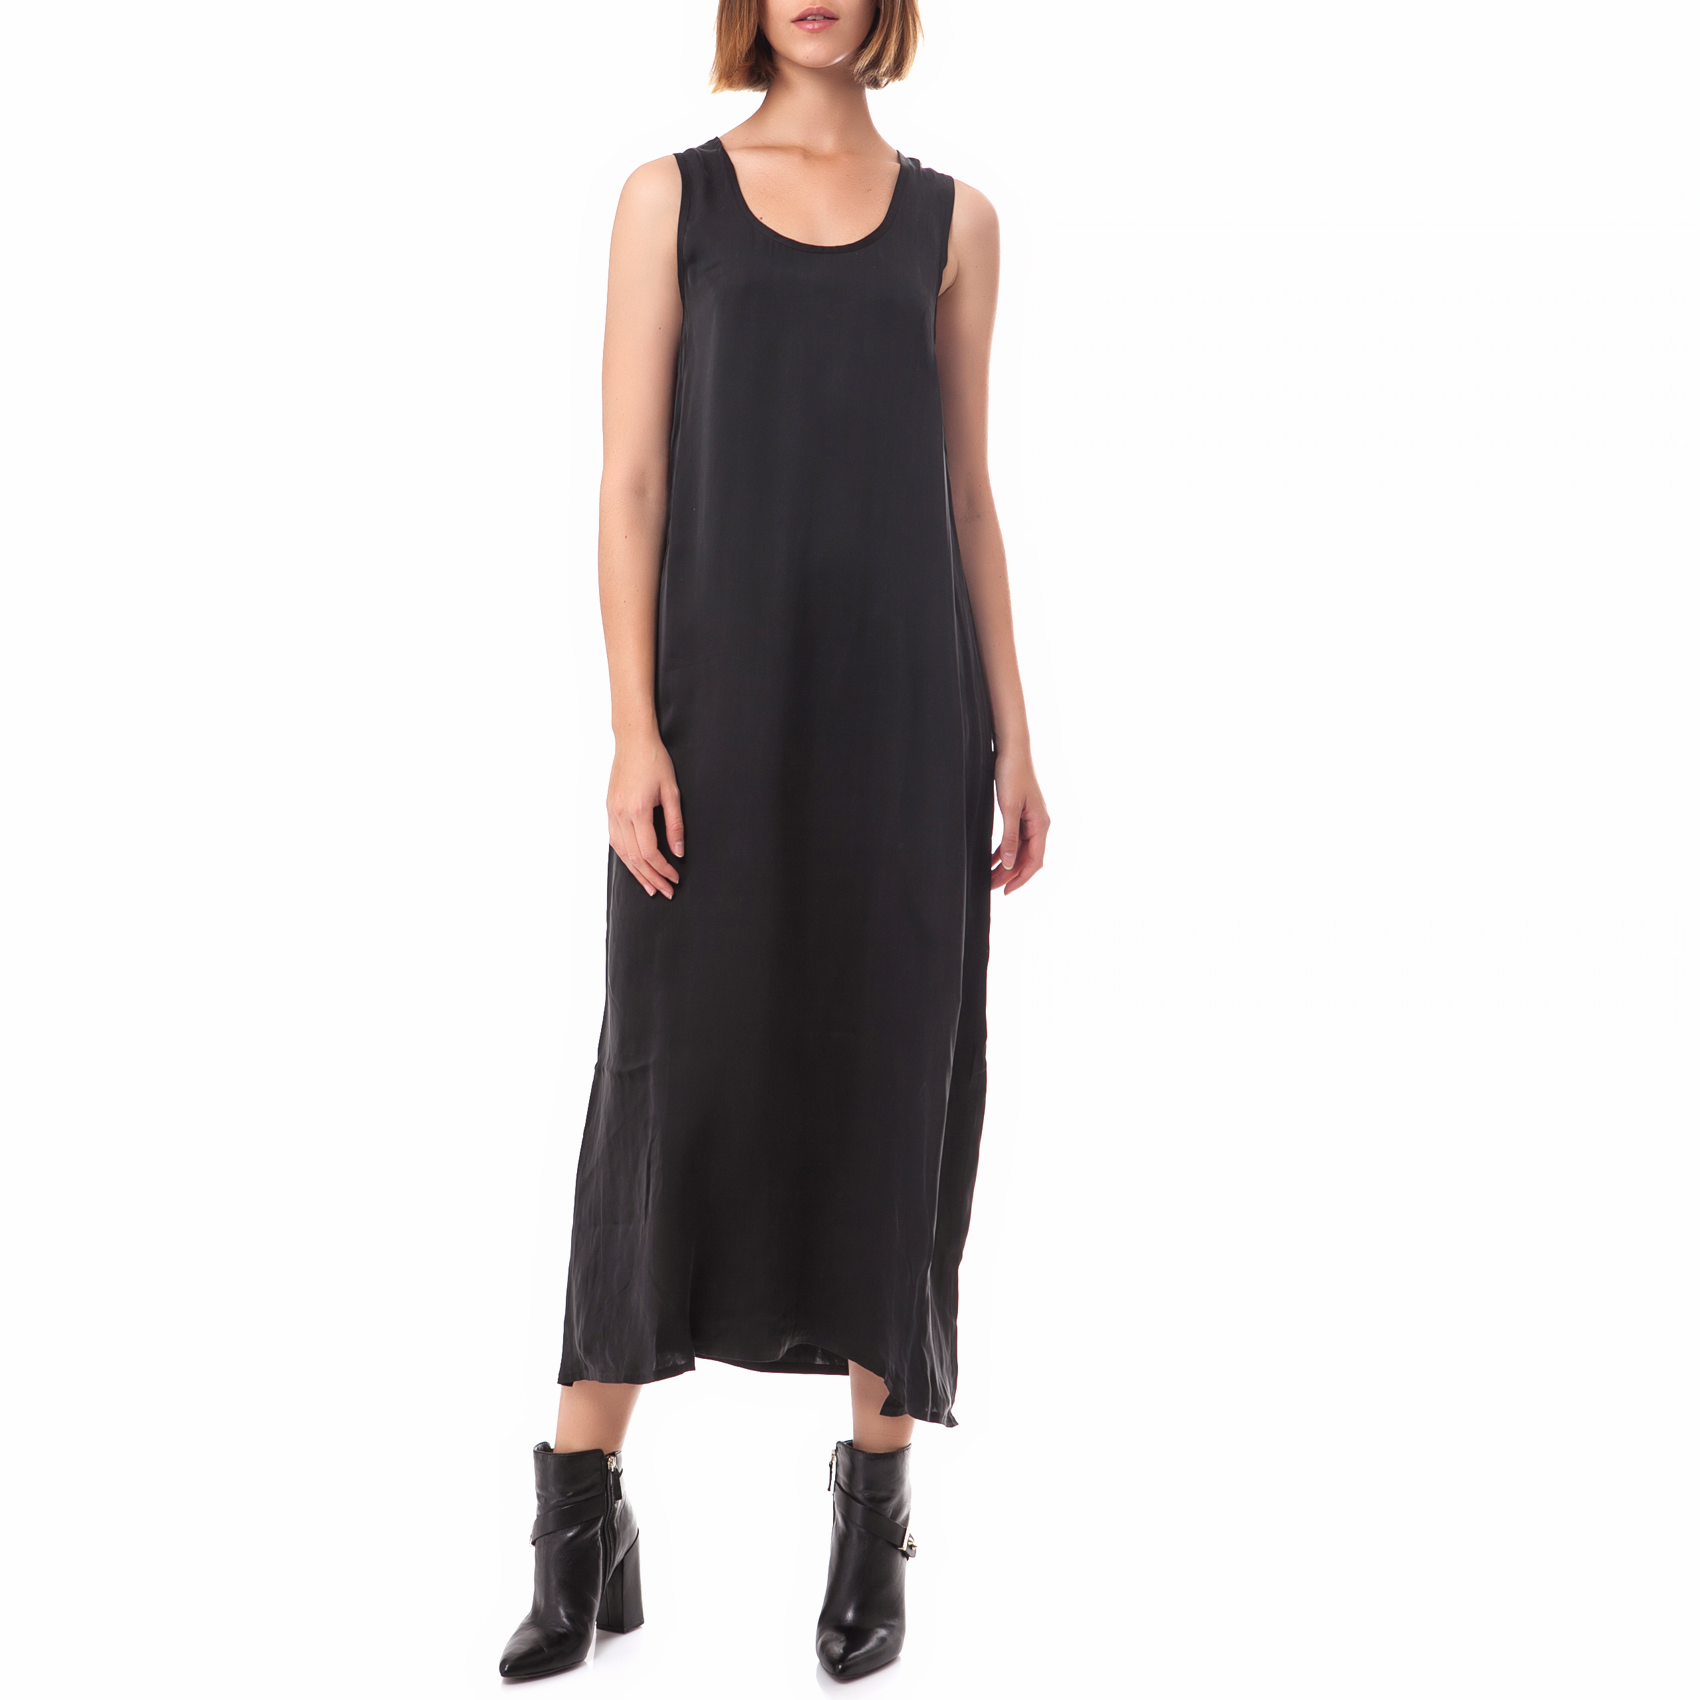 AMERICAN VINTAGE - Γυναικείο φόρεμα American Vintage ανθρακί γυναικεία ρούχα φορέματα μάξι